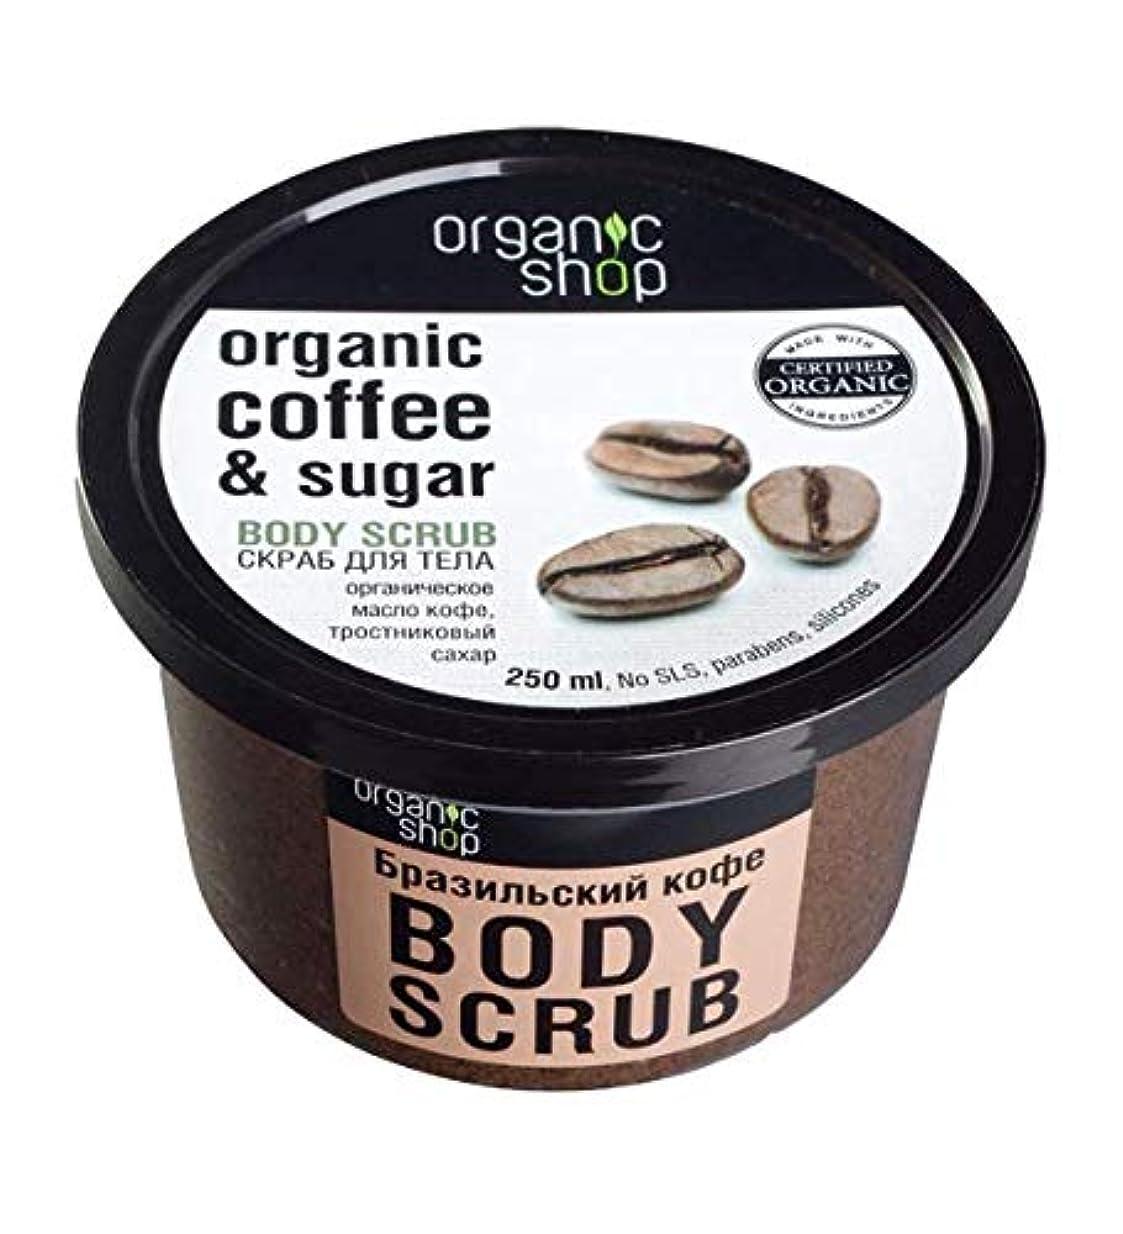 生じる薬を飲む献身【話題沸騰中】ロシア産 ORGANIC SHOP オーガニック ショップ ボディスクラブ coffee&sugar 250ml 「ブラジルコーヒー」